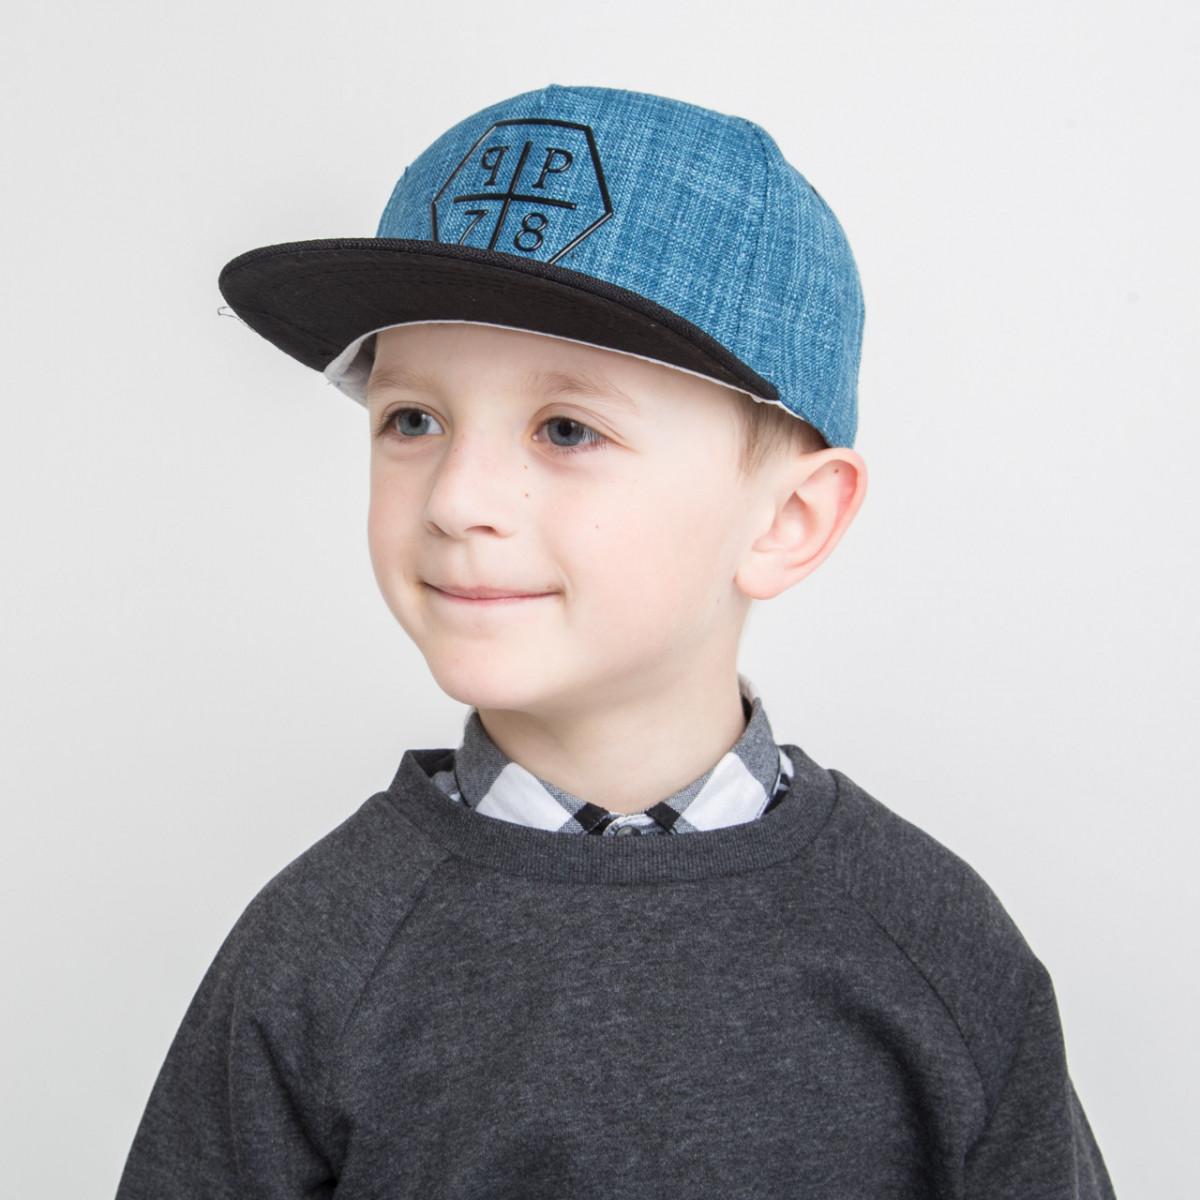 Стильная кепка Snapback для мальчика оптом - 82018-43